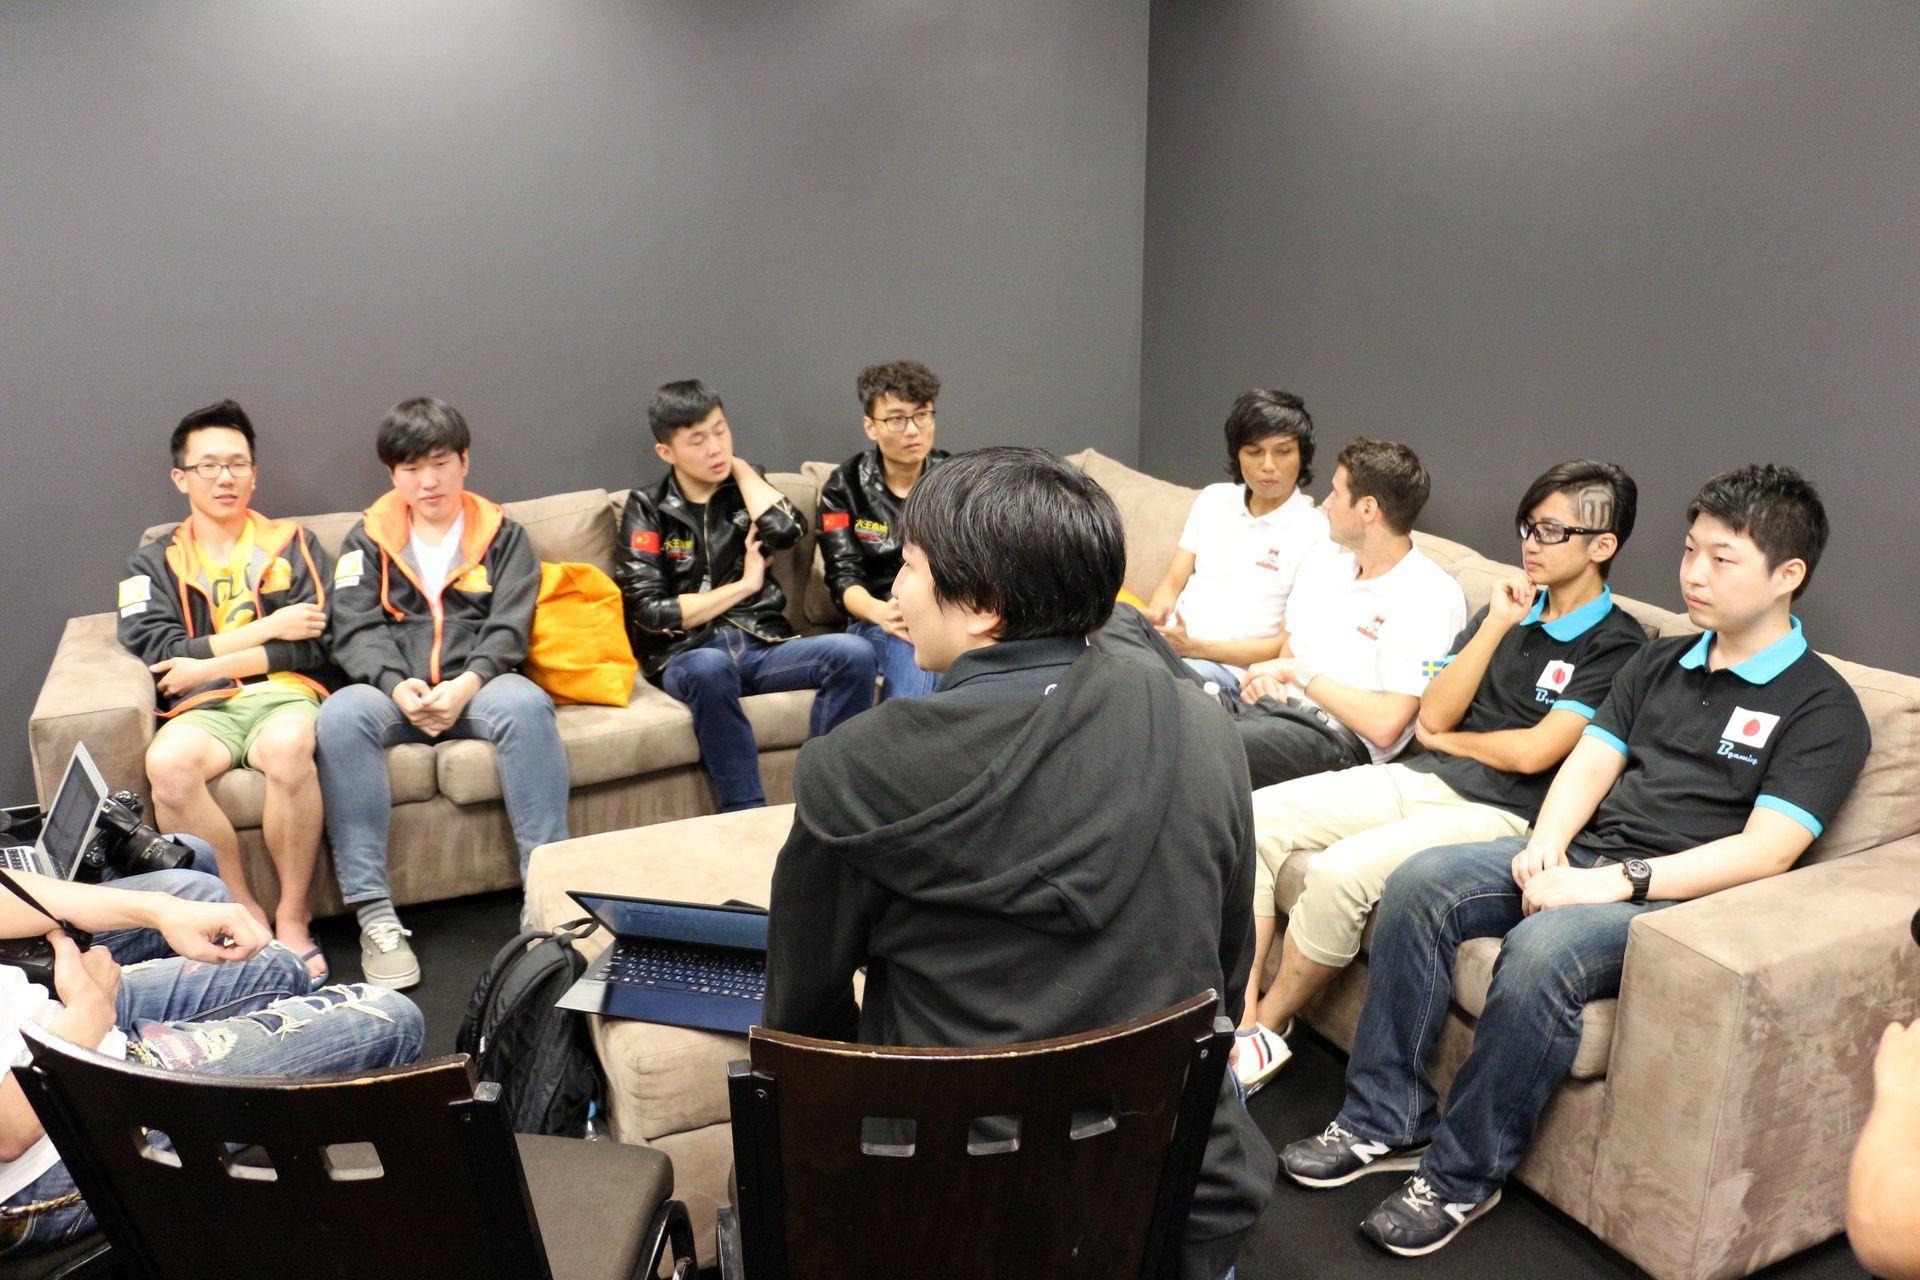 選手インタビューは、各チームの代表が参加して合同で行なわれた